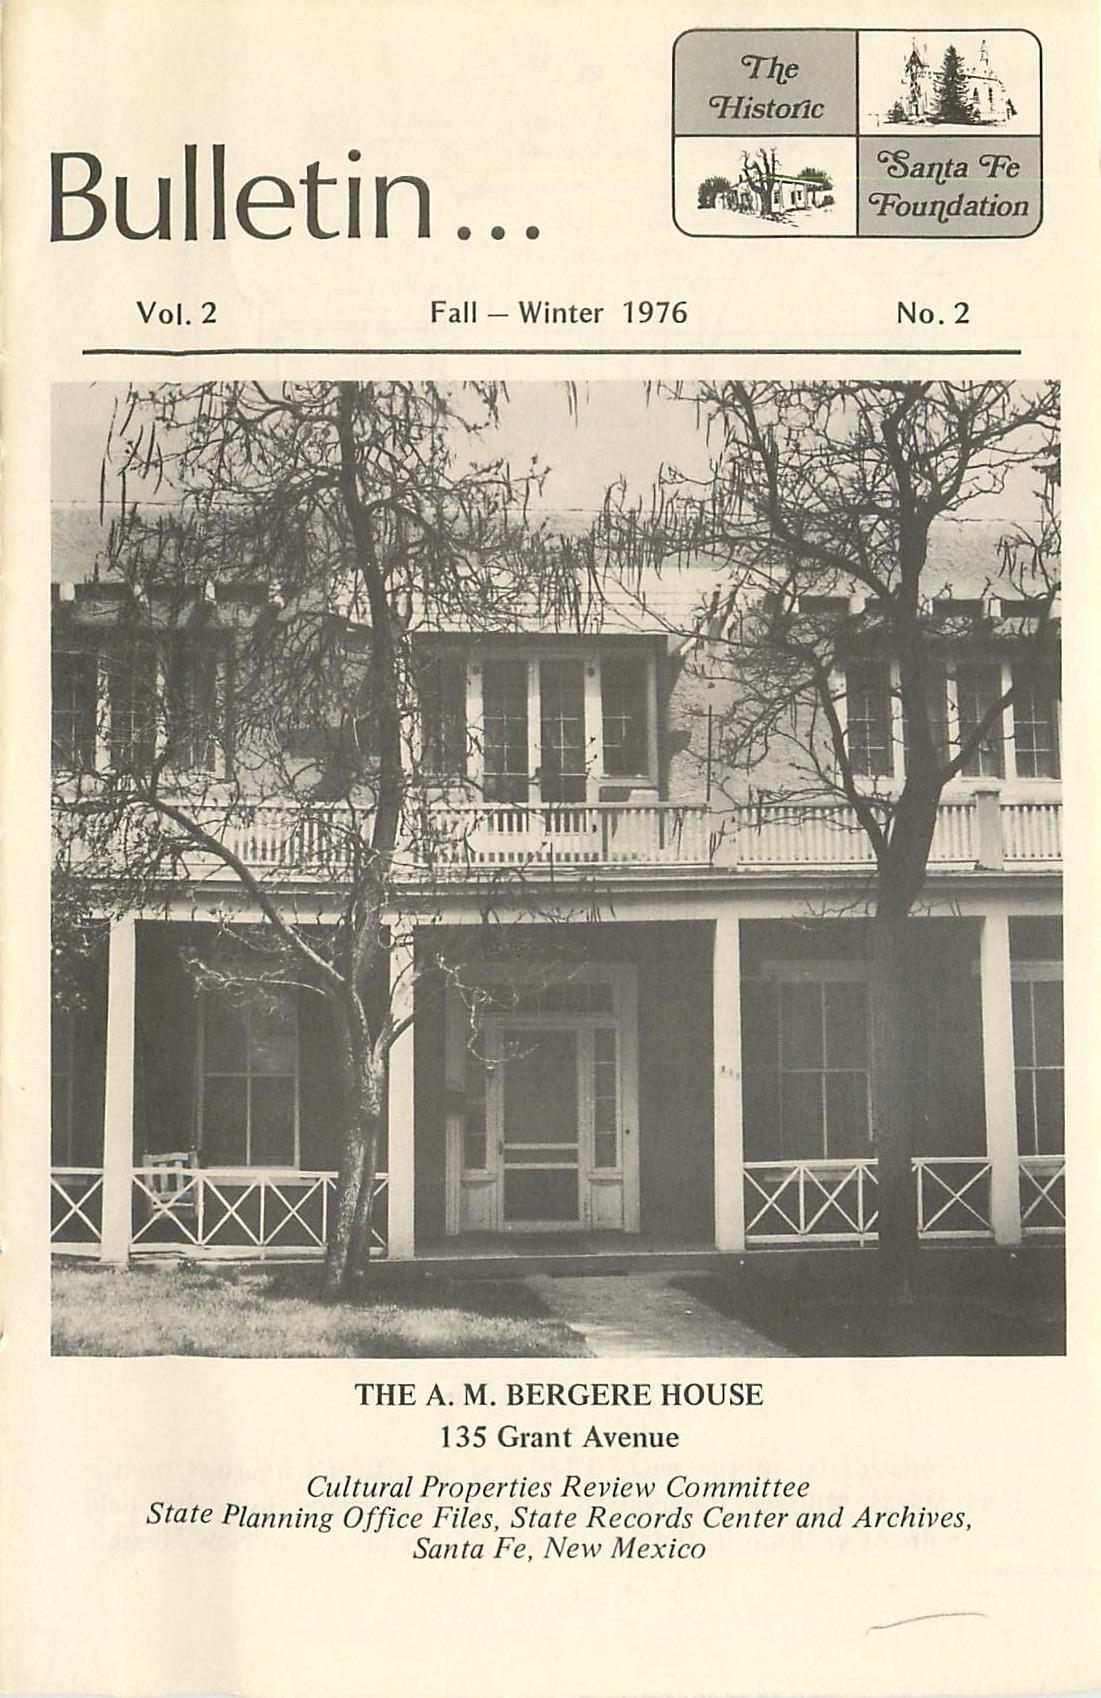 1976 HSFF Bulletin Vol.2 No.2 Cover